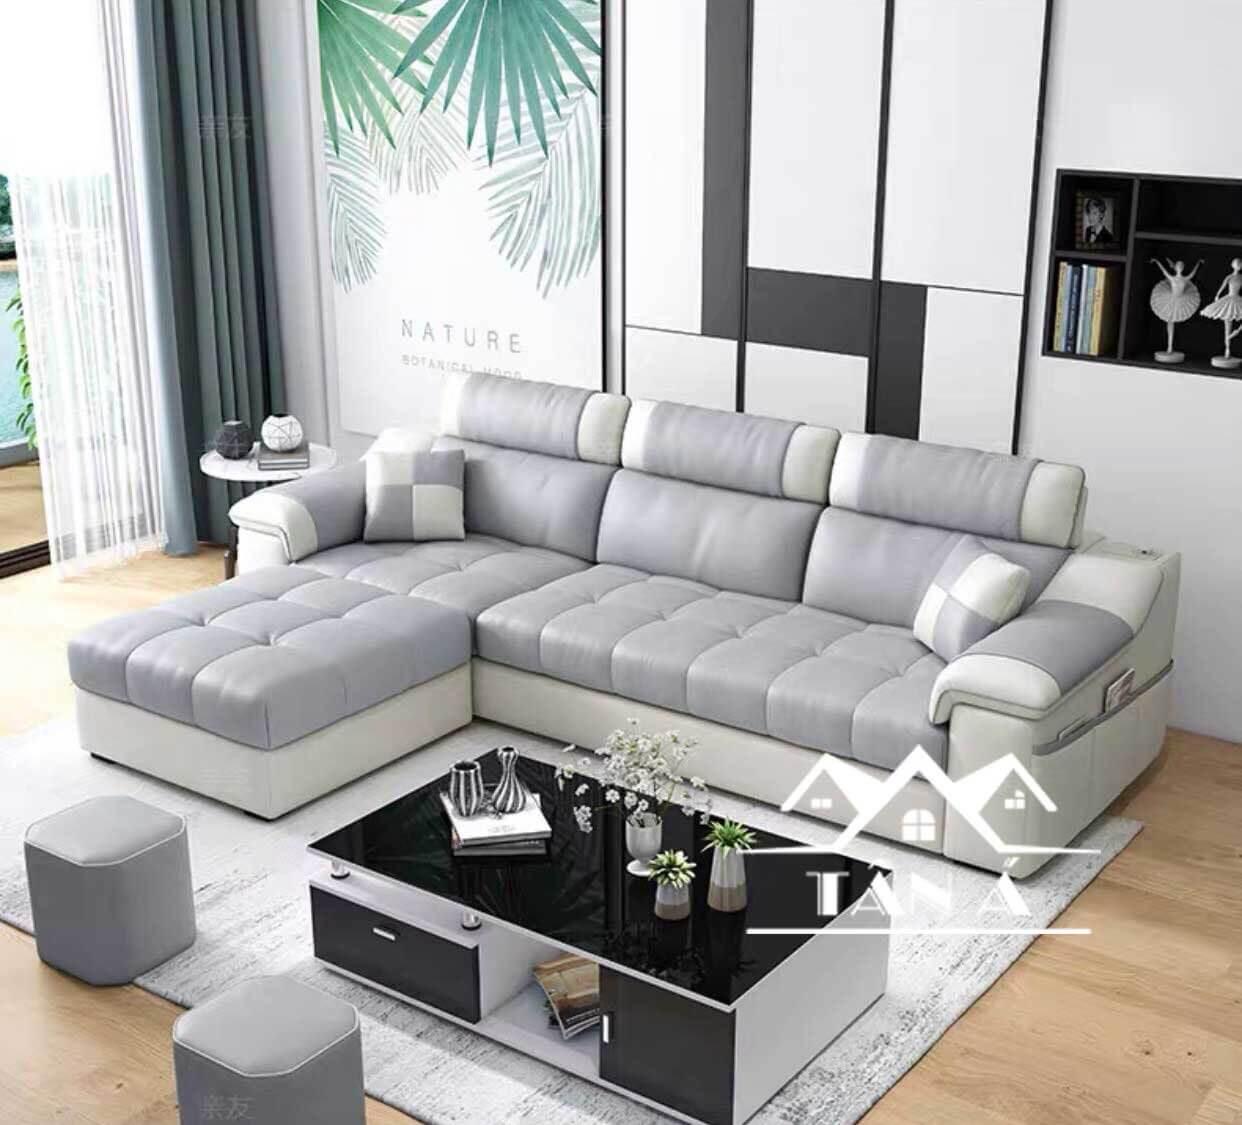 mẫu ghế sofa mini nhỏ gọn, sofa vải nỉ bố giá rẻ